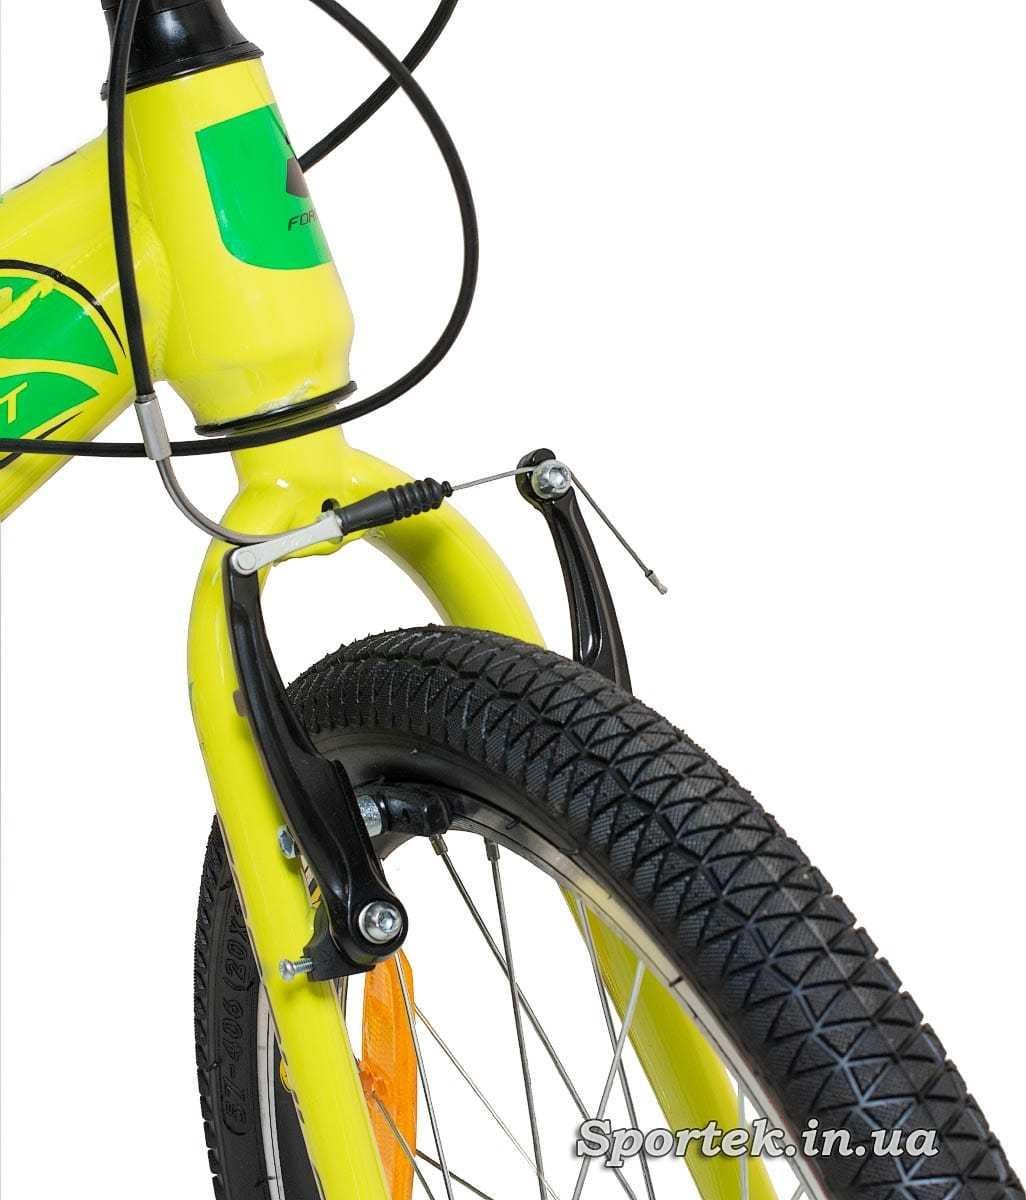 Переднее колесо и тормоз горного детского велосипеда Formula Lim